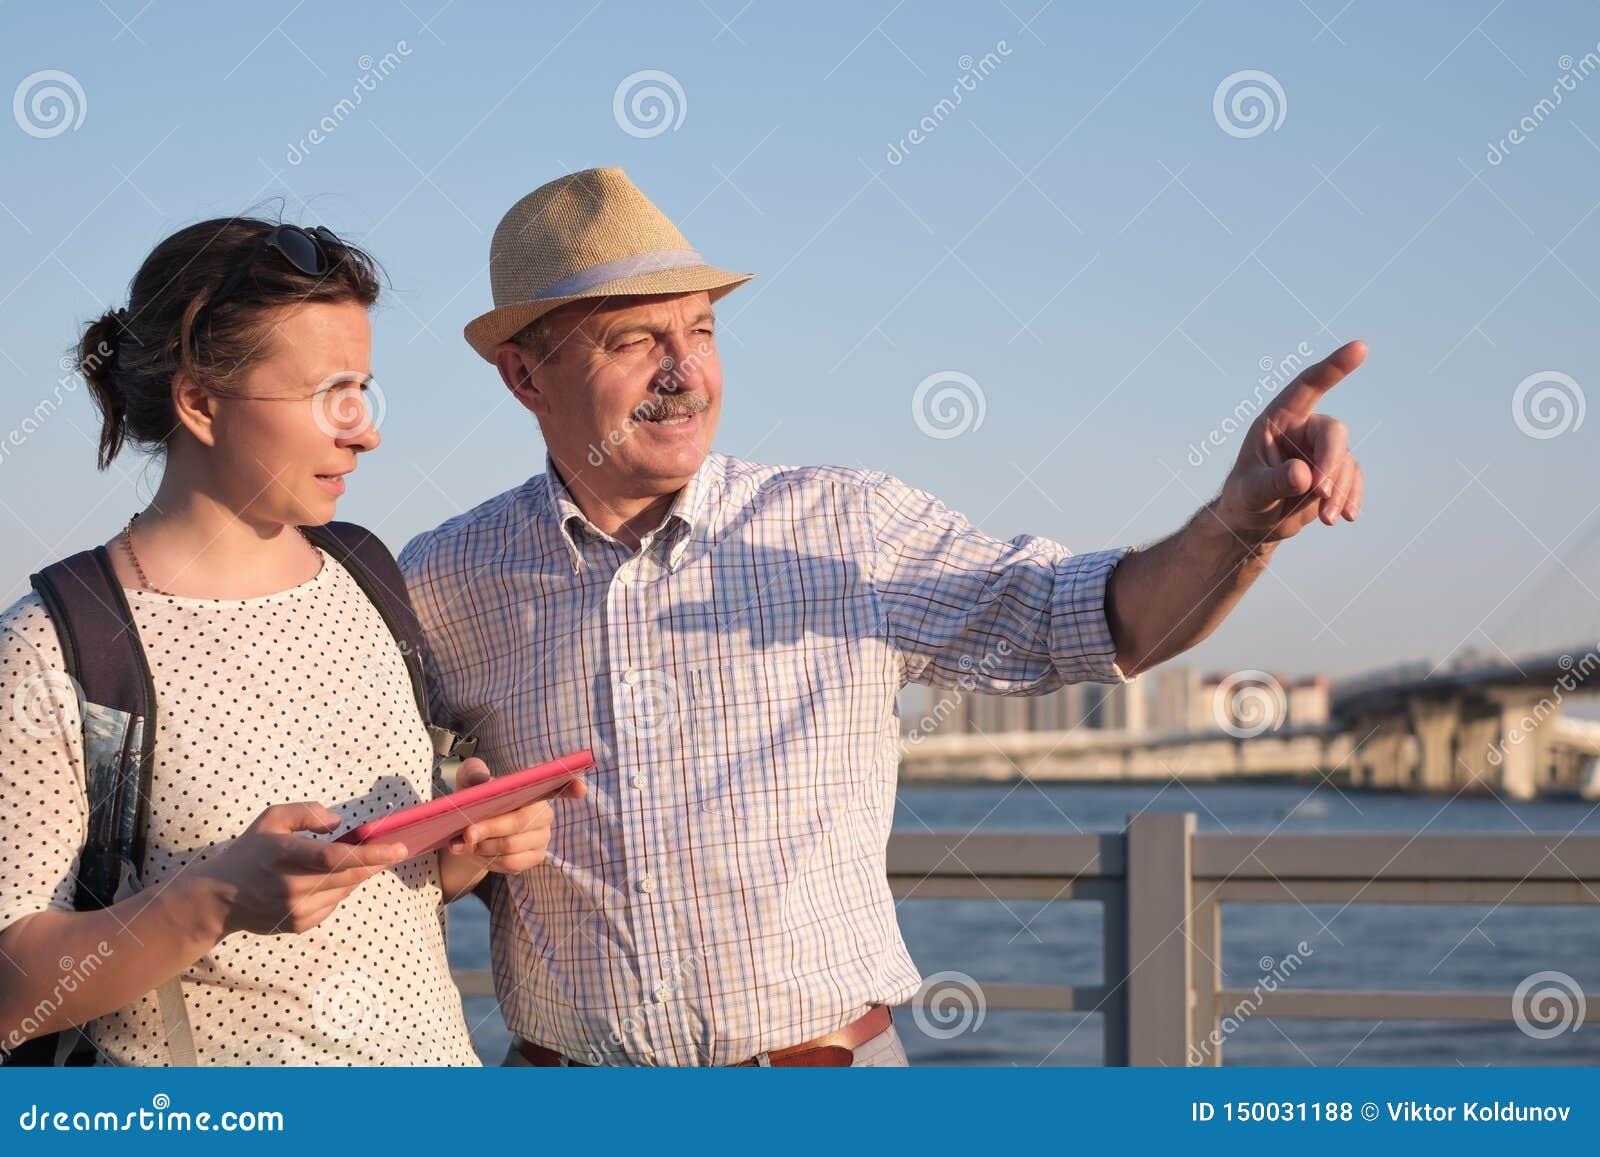 De hogere man in de zomerhoed toont de manier op de kaart aan jonge vrouw